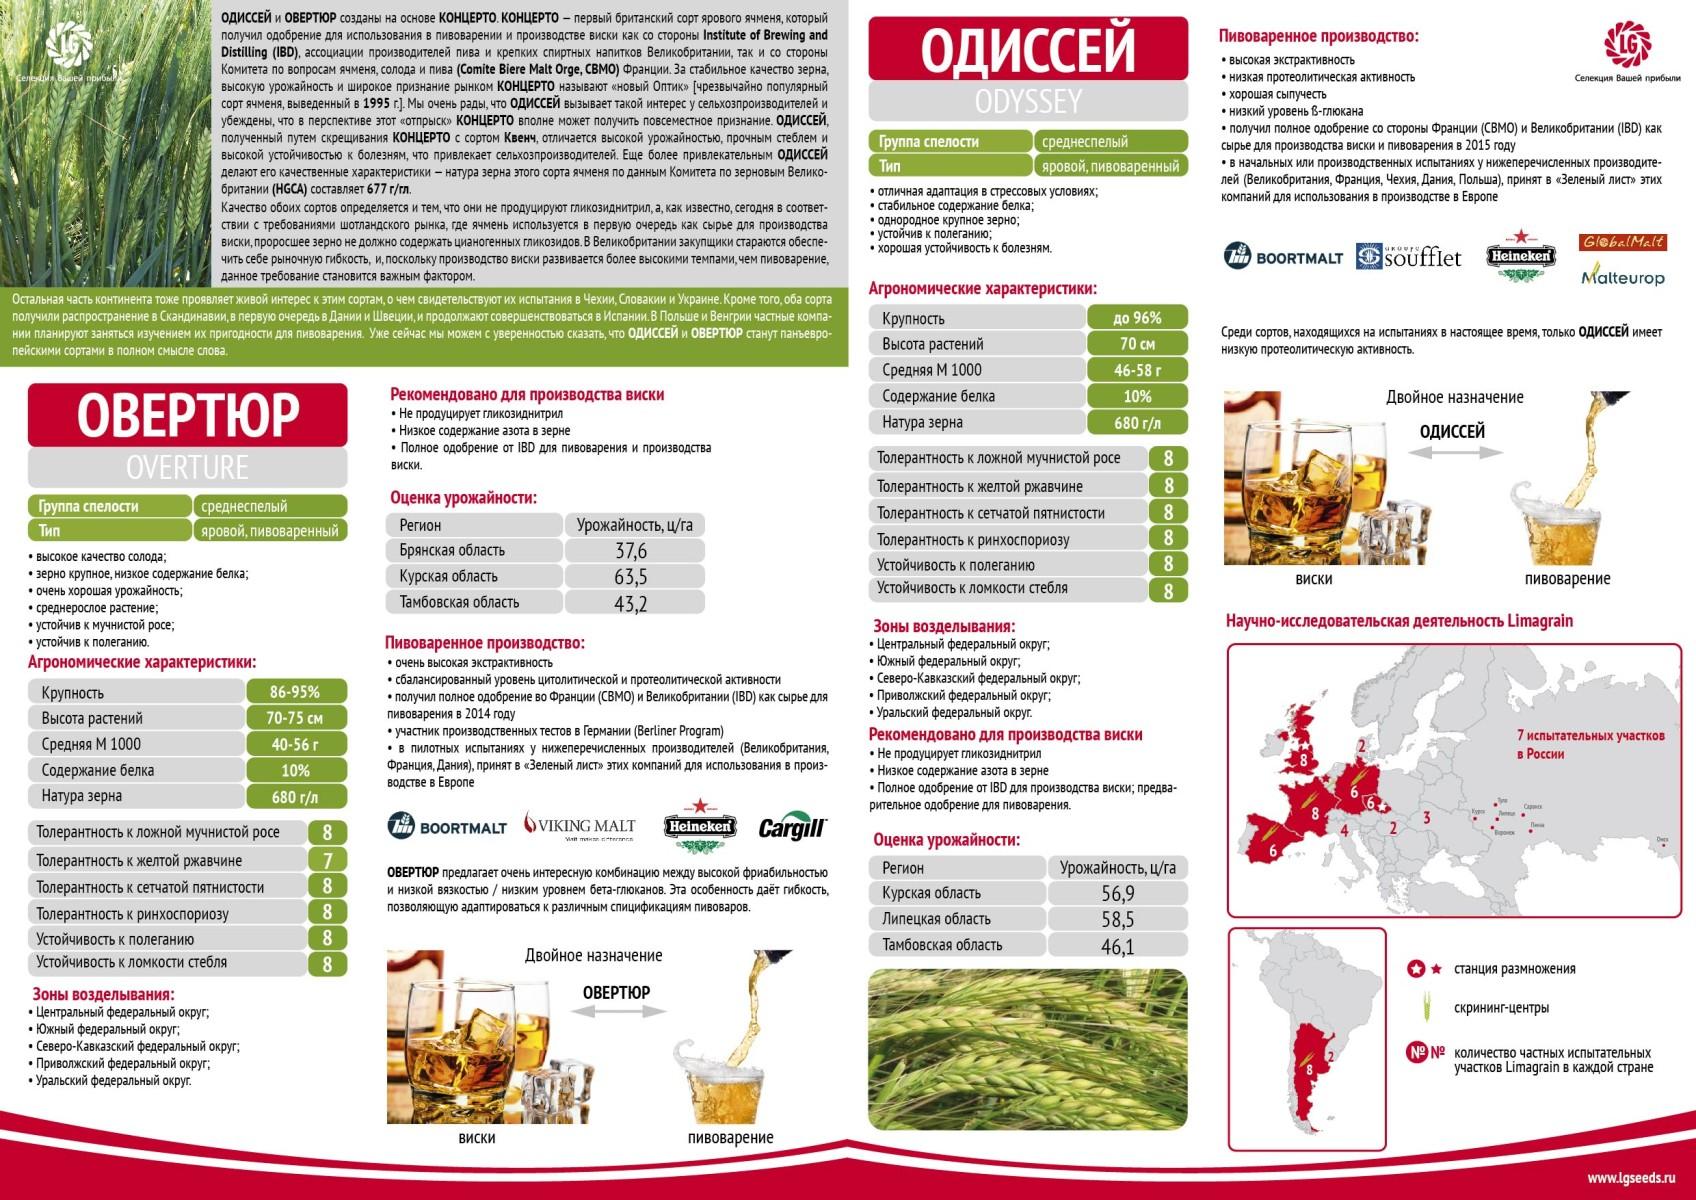 LG_A3_barley_v3_mapcorrect-02